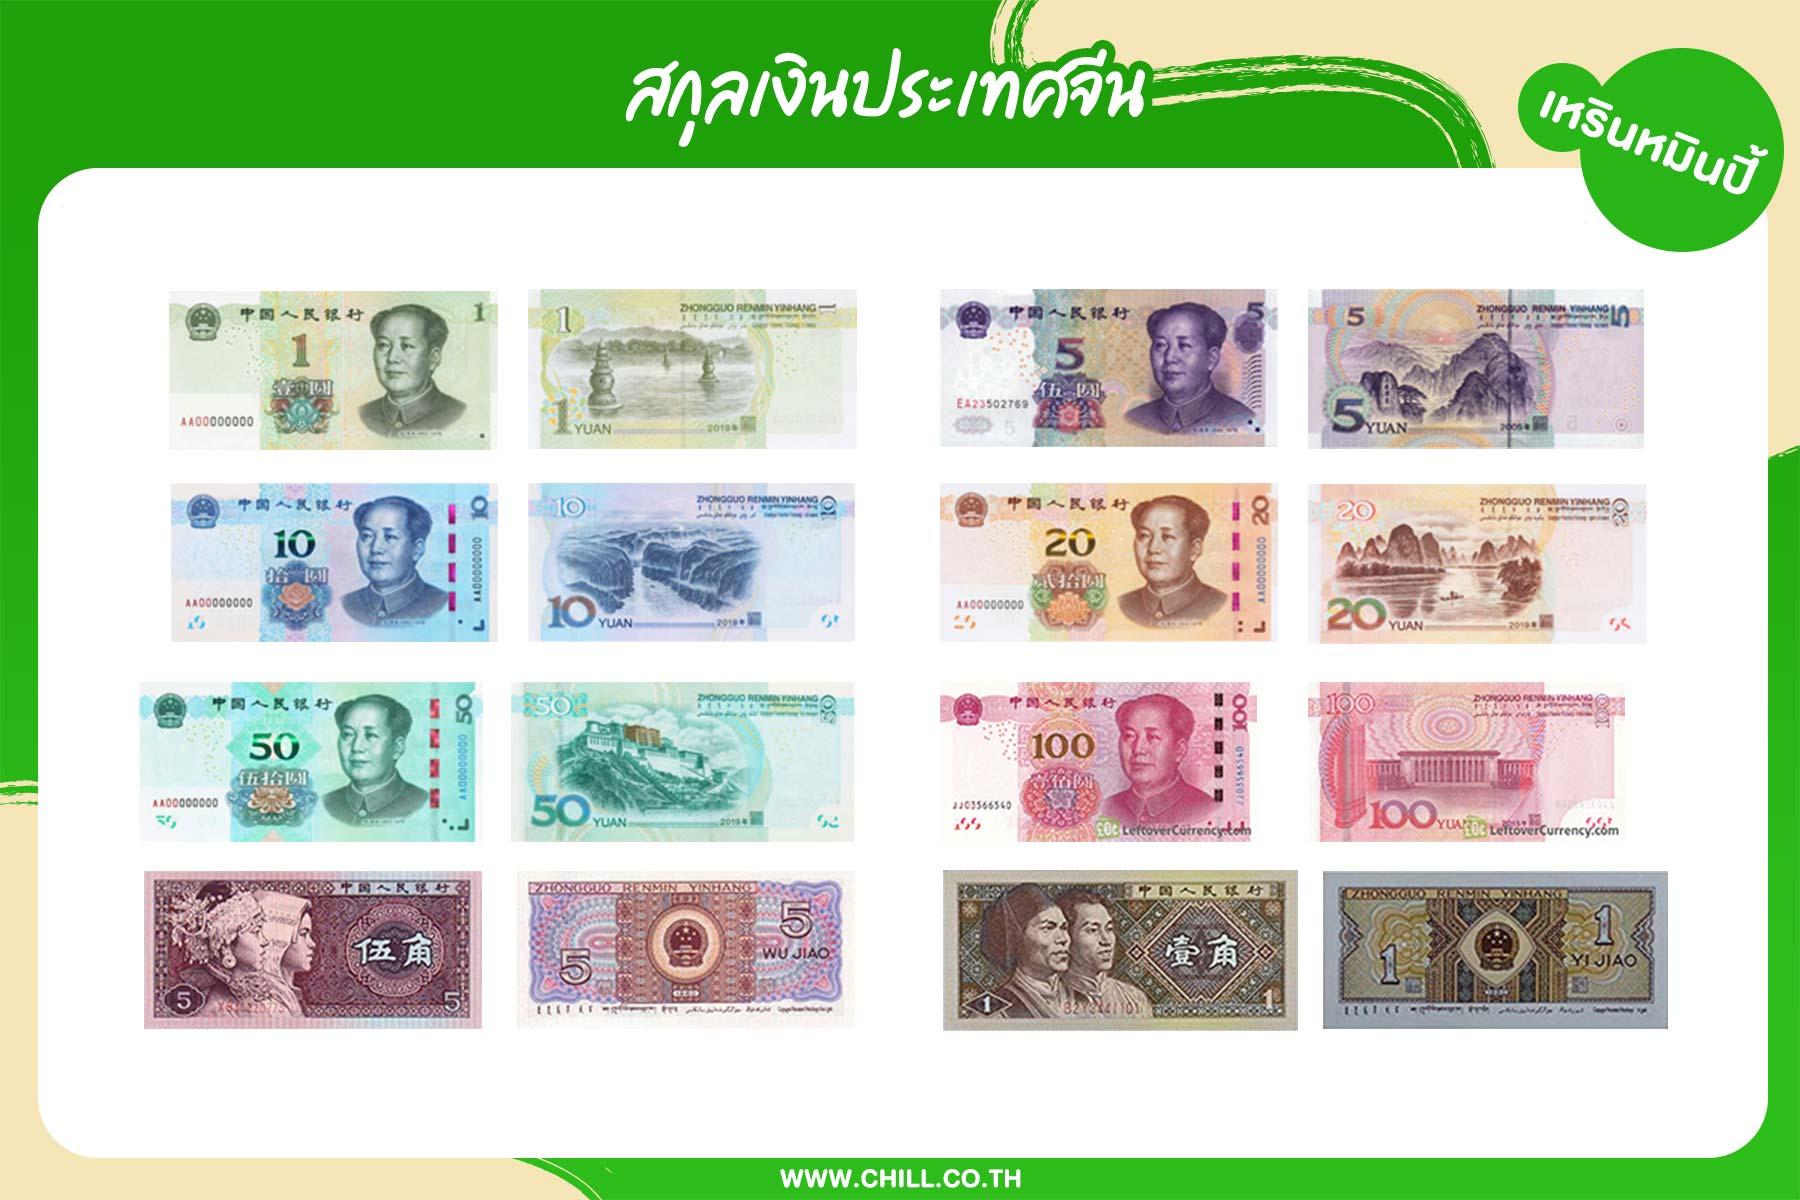 สกุลเงินประเทศจีน